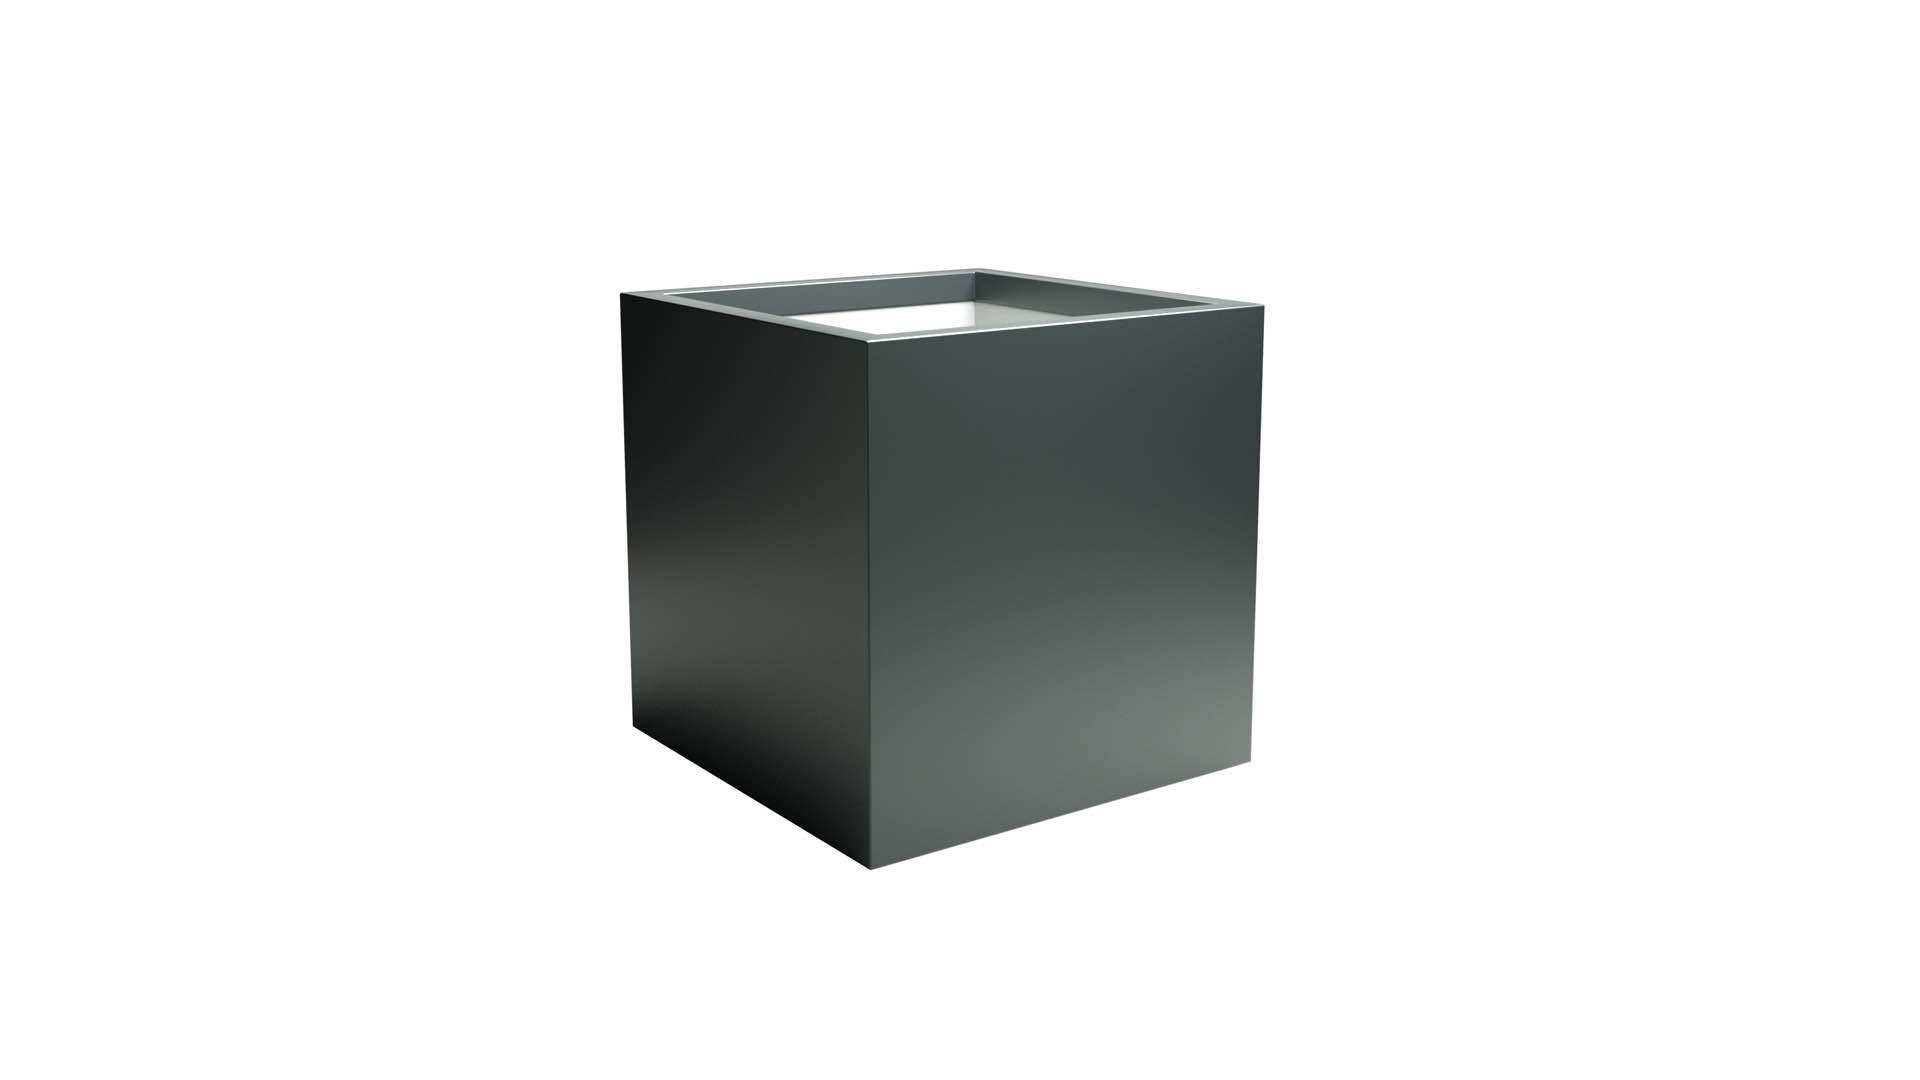 Nowoczesne donice aluminiowe Alessio 3